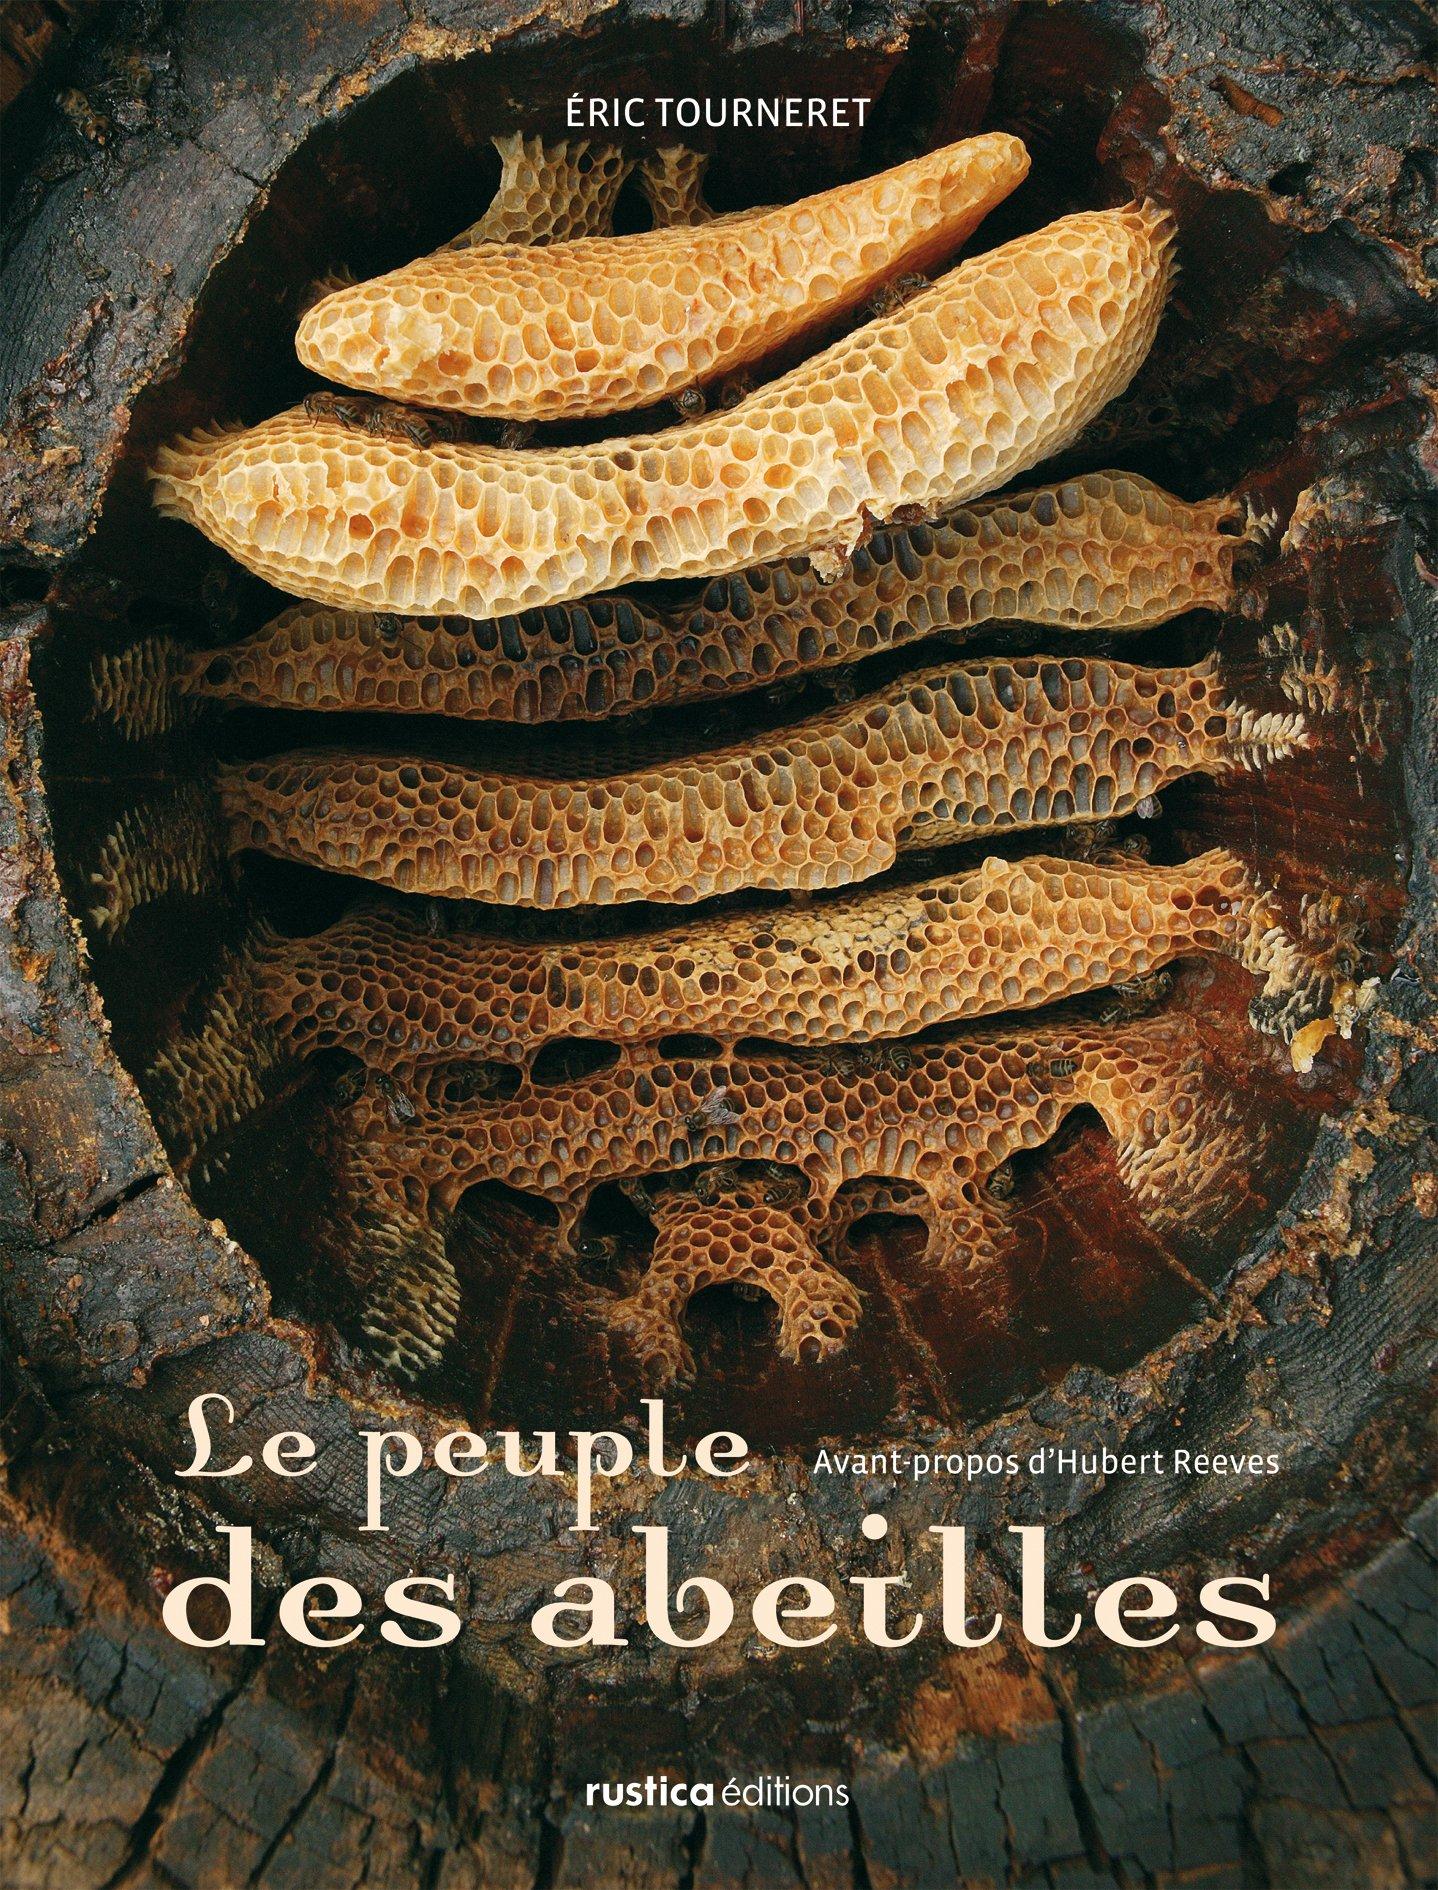 Le peuple des abeilles Relié – 1 novembre 2007 Eric Tourneret Hubert Reeves Editions Rustica 2840387794